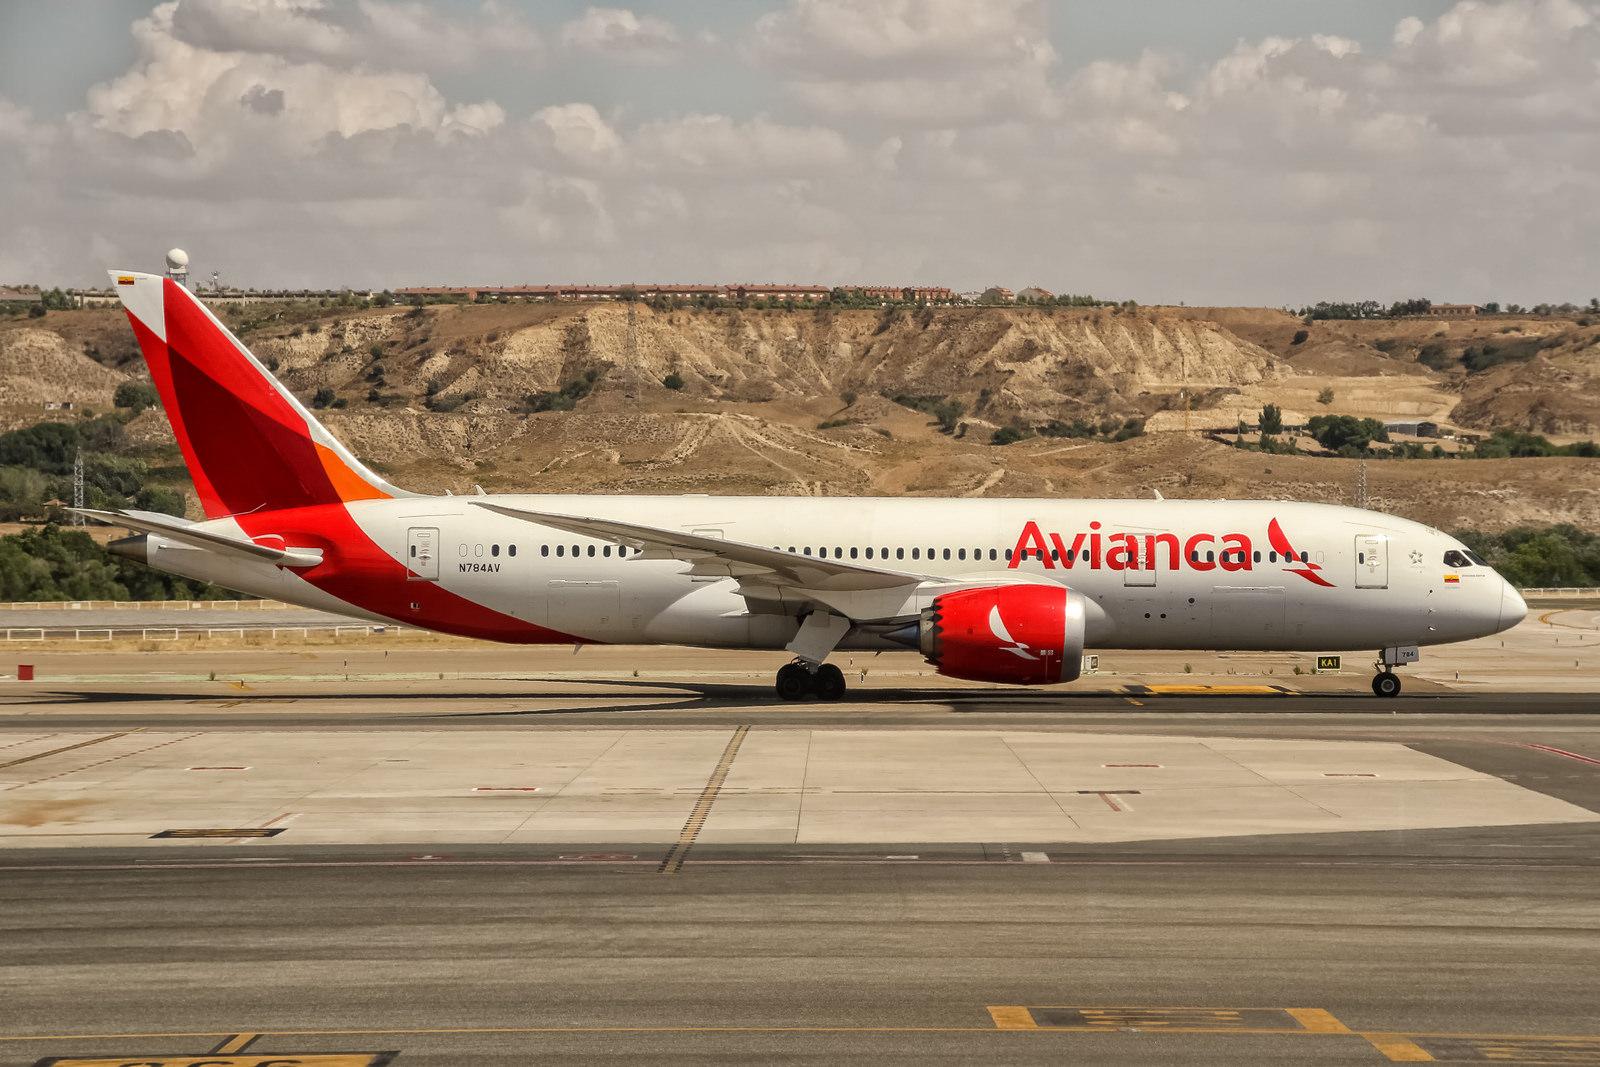 En Boeing 787-8 Dreamliner fra det colombianske flyselskab Avianca. Foto: Oliver Holzbauer, CC 2.0